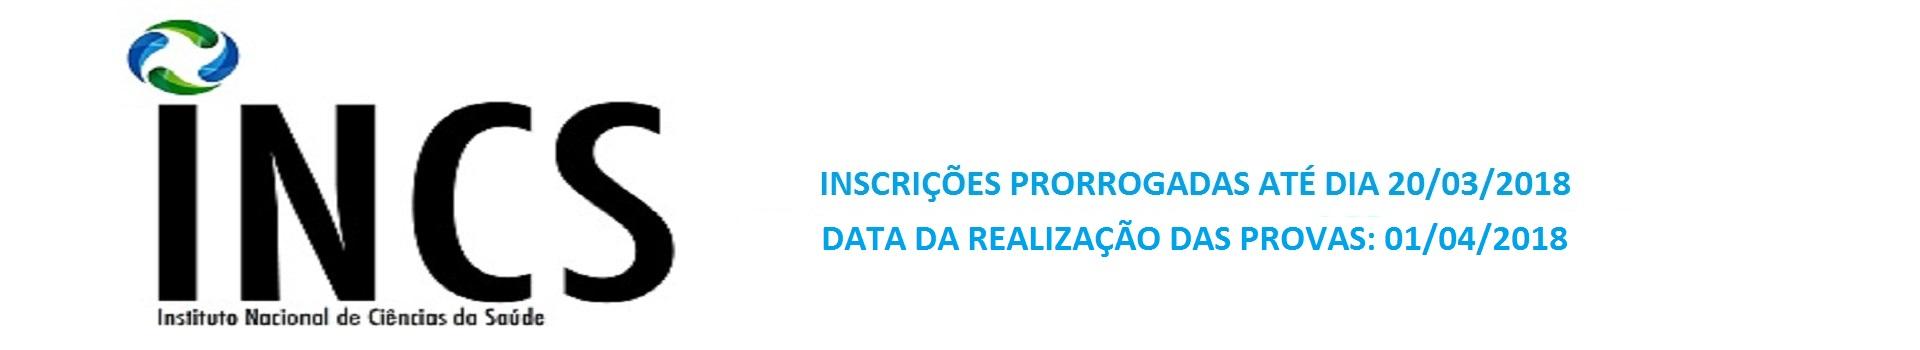 INCS PS N° 001/2018 - EDITAL DE CONVOCAÇÃO PARA AVALIAÇÃO PSICOLÓGICA - TODOS OS CARGOS